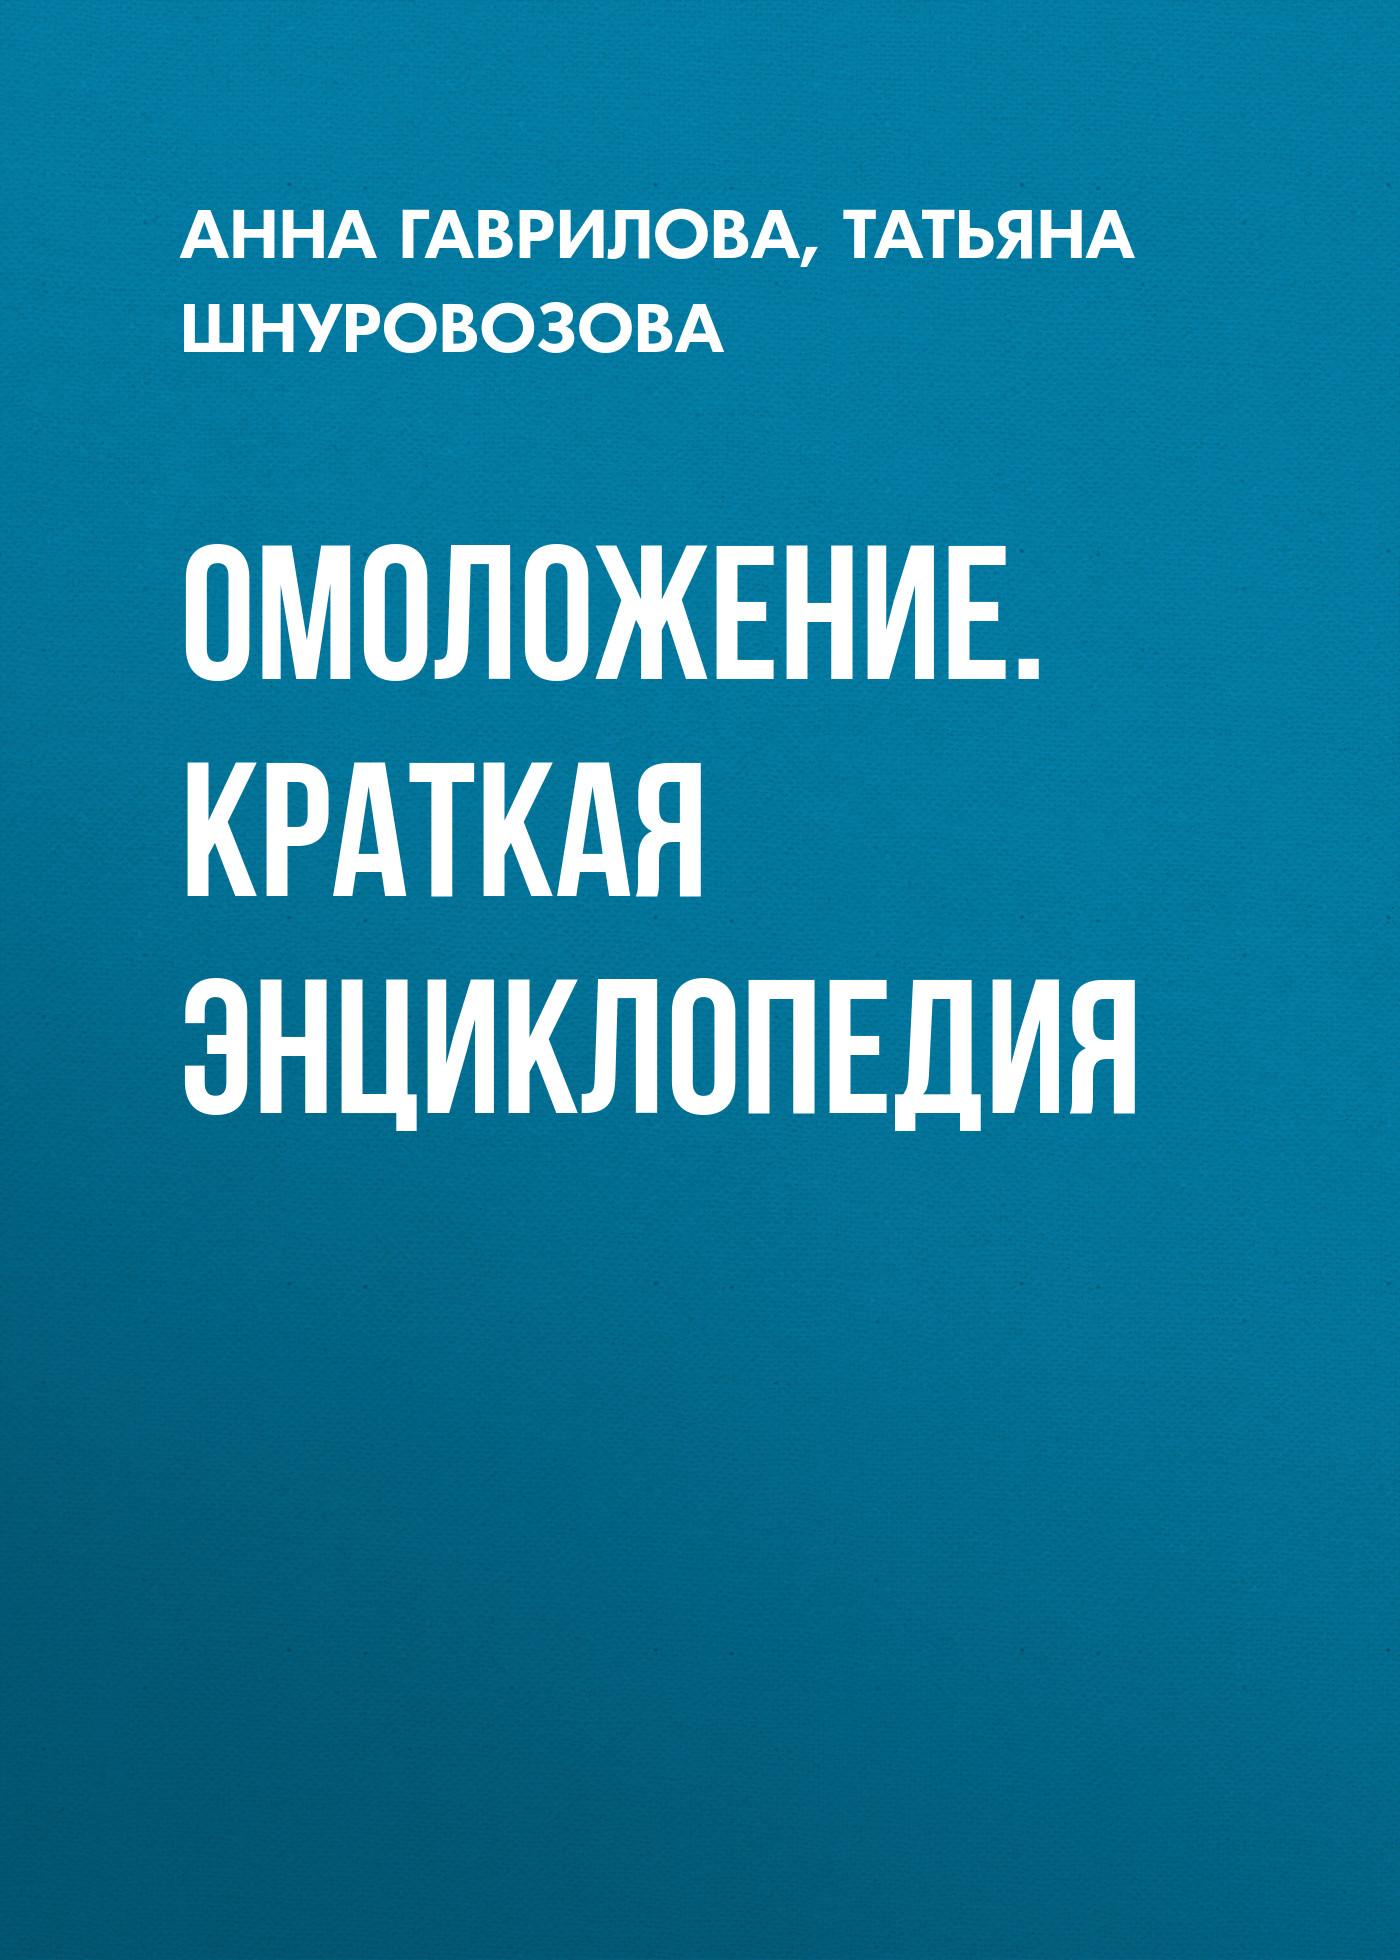 Омоложение. Краткая энциклопедия